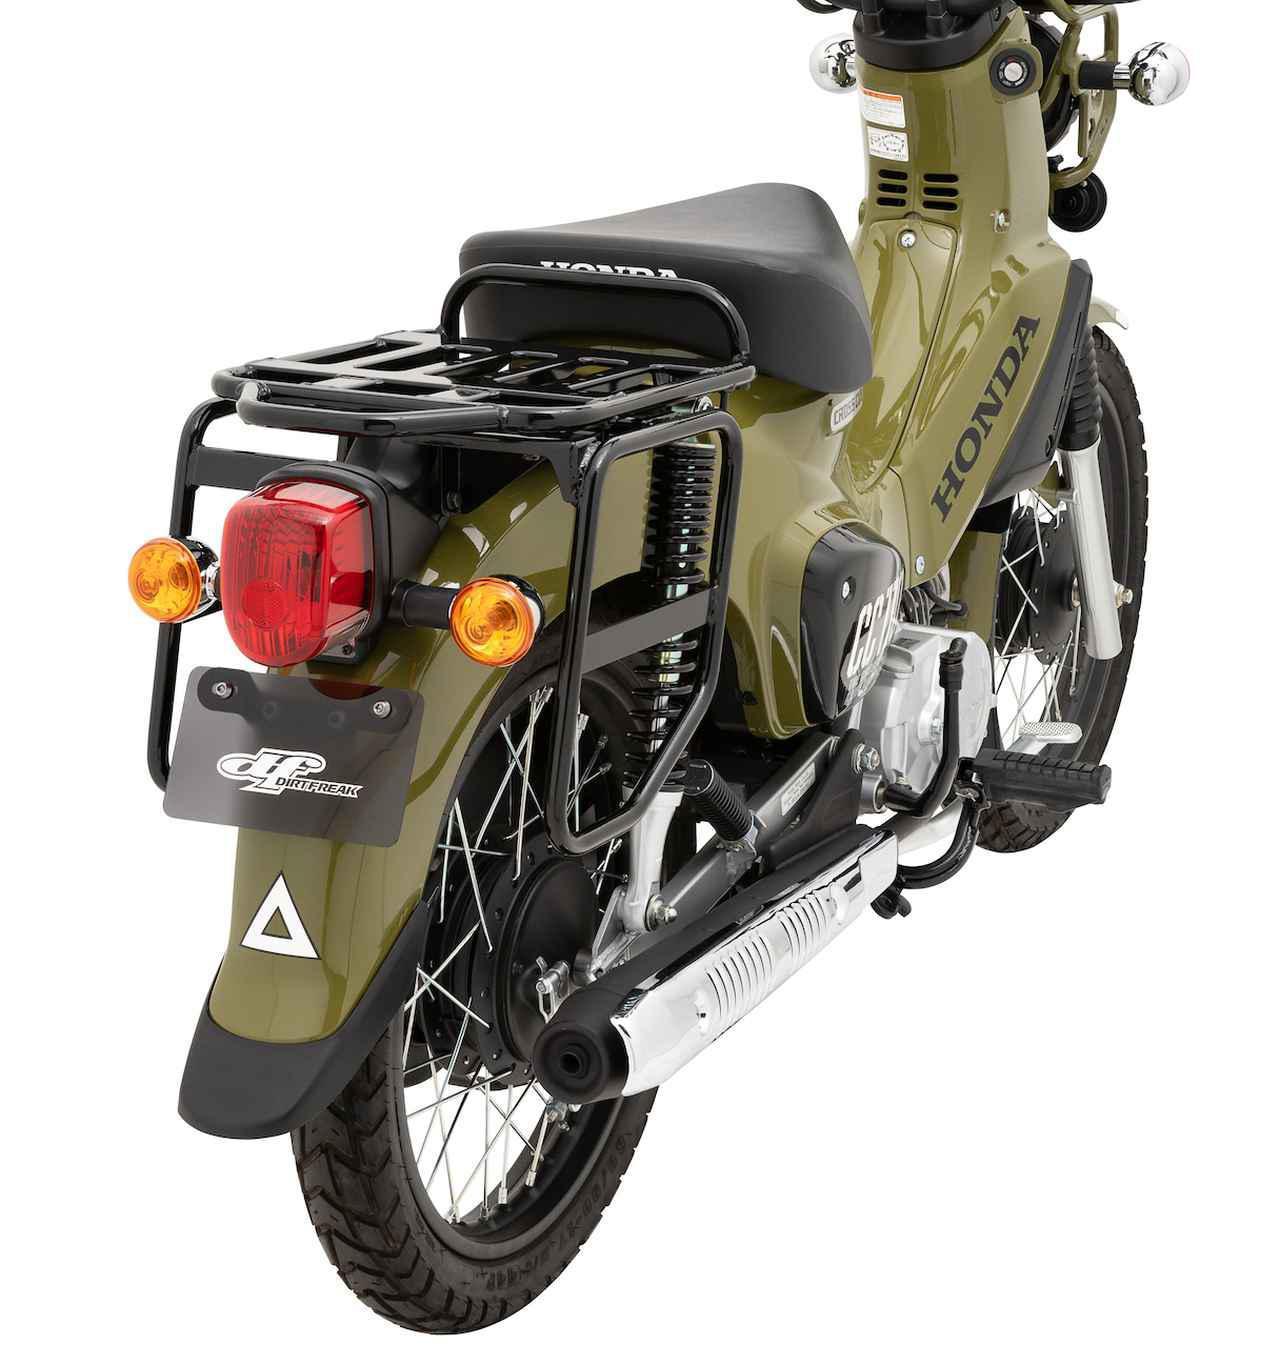 画像: クロスカブの積載力を底上げ、旅仕様クロスカブ必須のパーツが出た - webオートバイ